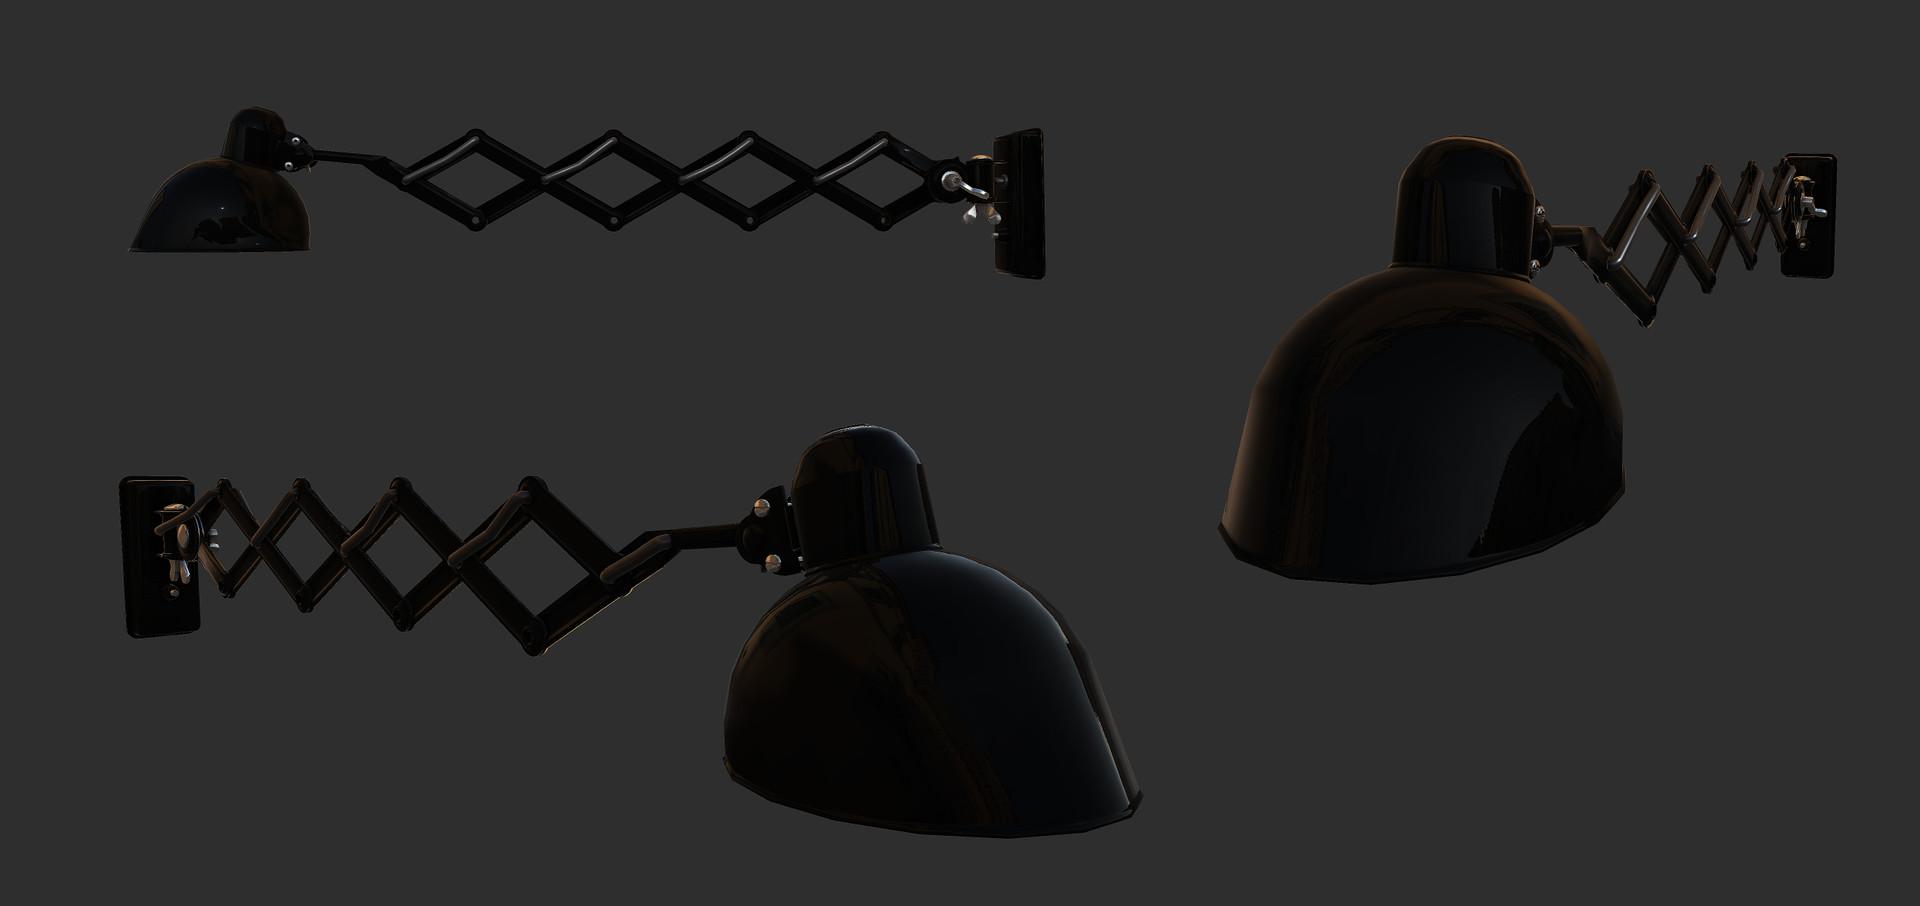 Sergey tabakov kaiser idell 6718 scissor lamp gloss